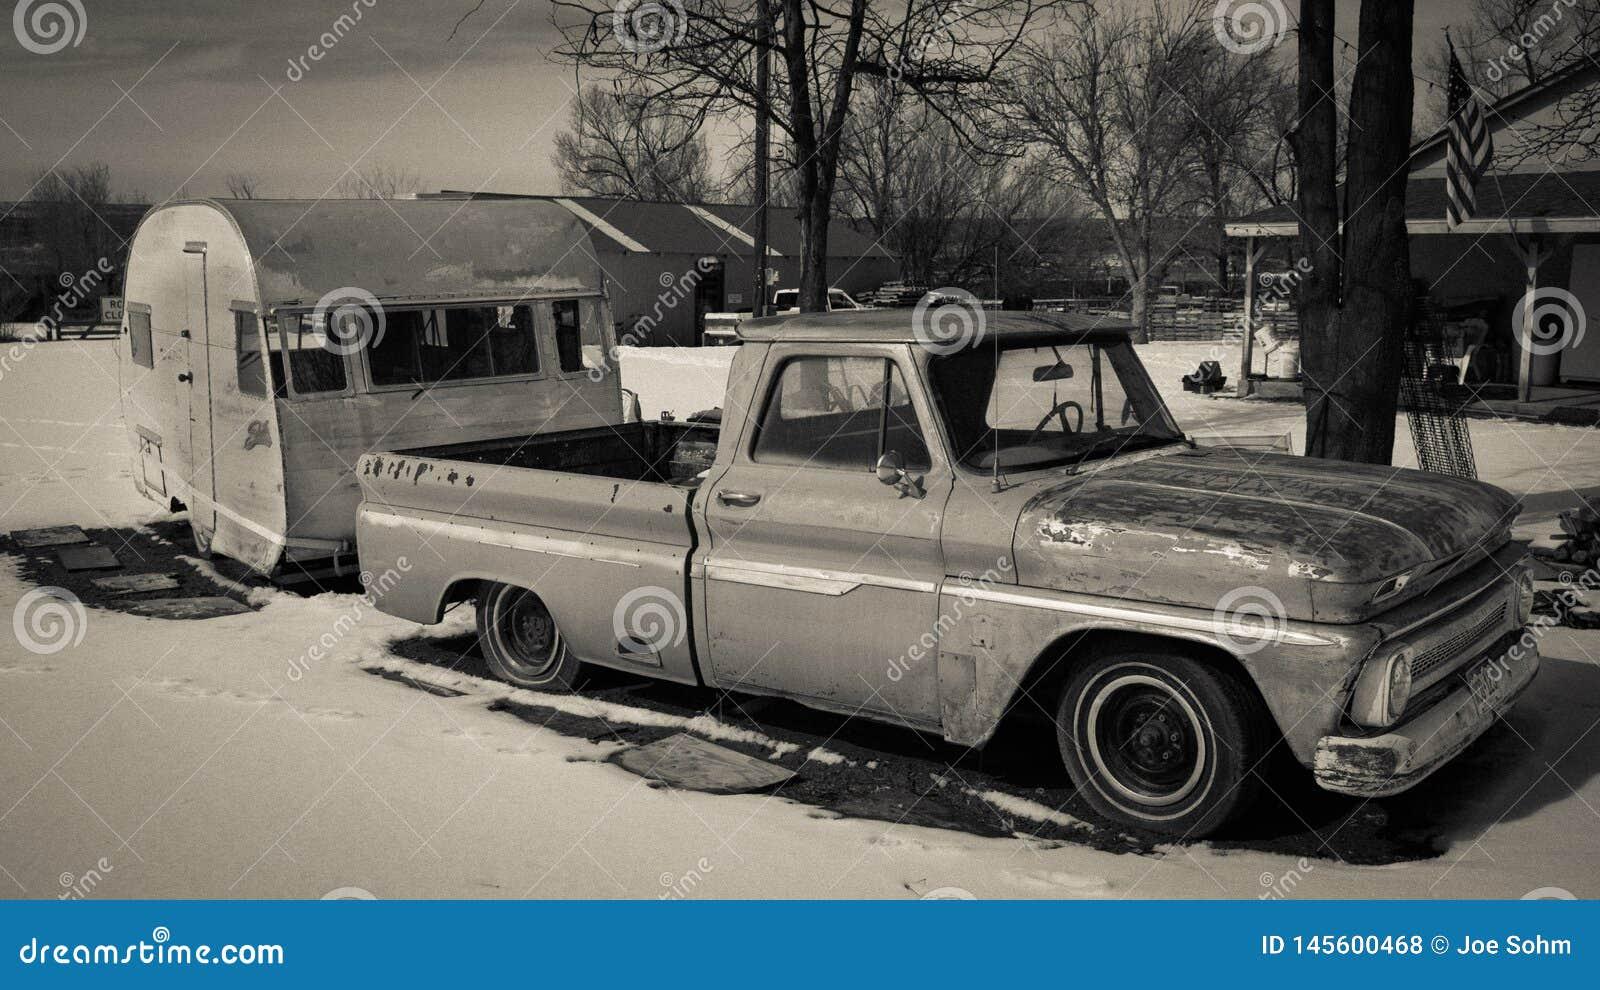 25-ОЕ ФЕВРАЛЯ 2019 - COLORADO-UTAH - США - винтажный грузовой пикап и желтый трейлер в снеге - область Колорадо/Юты